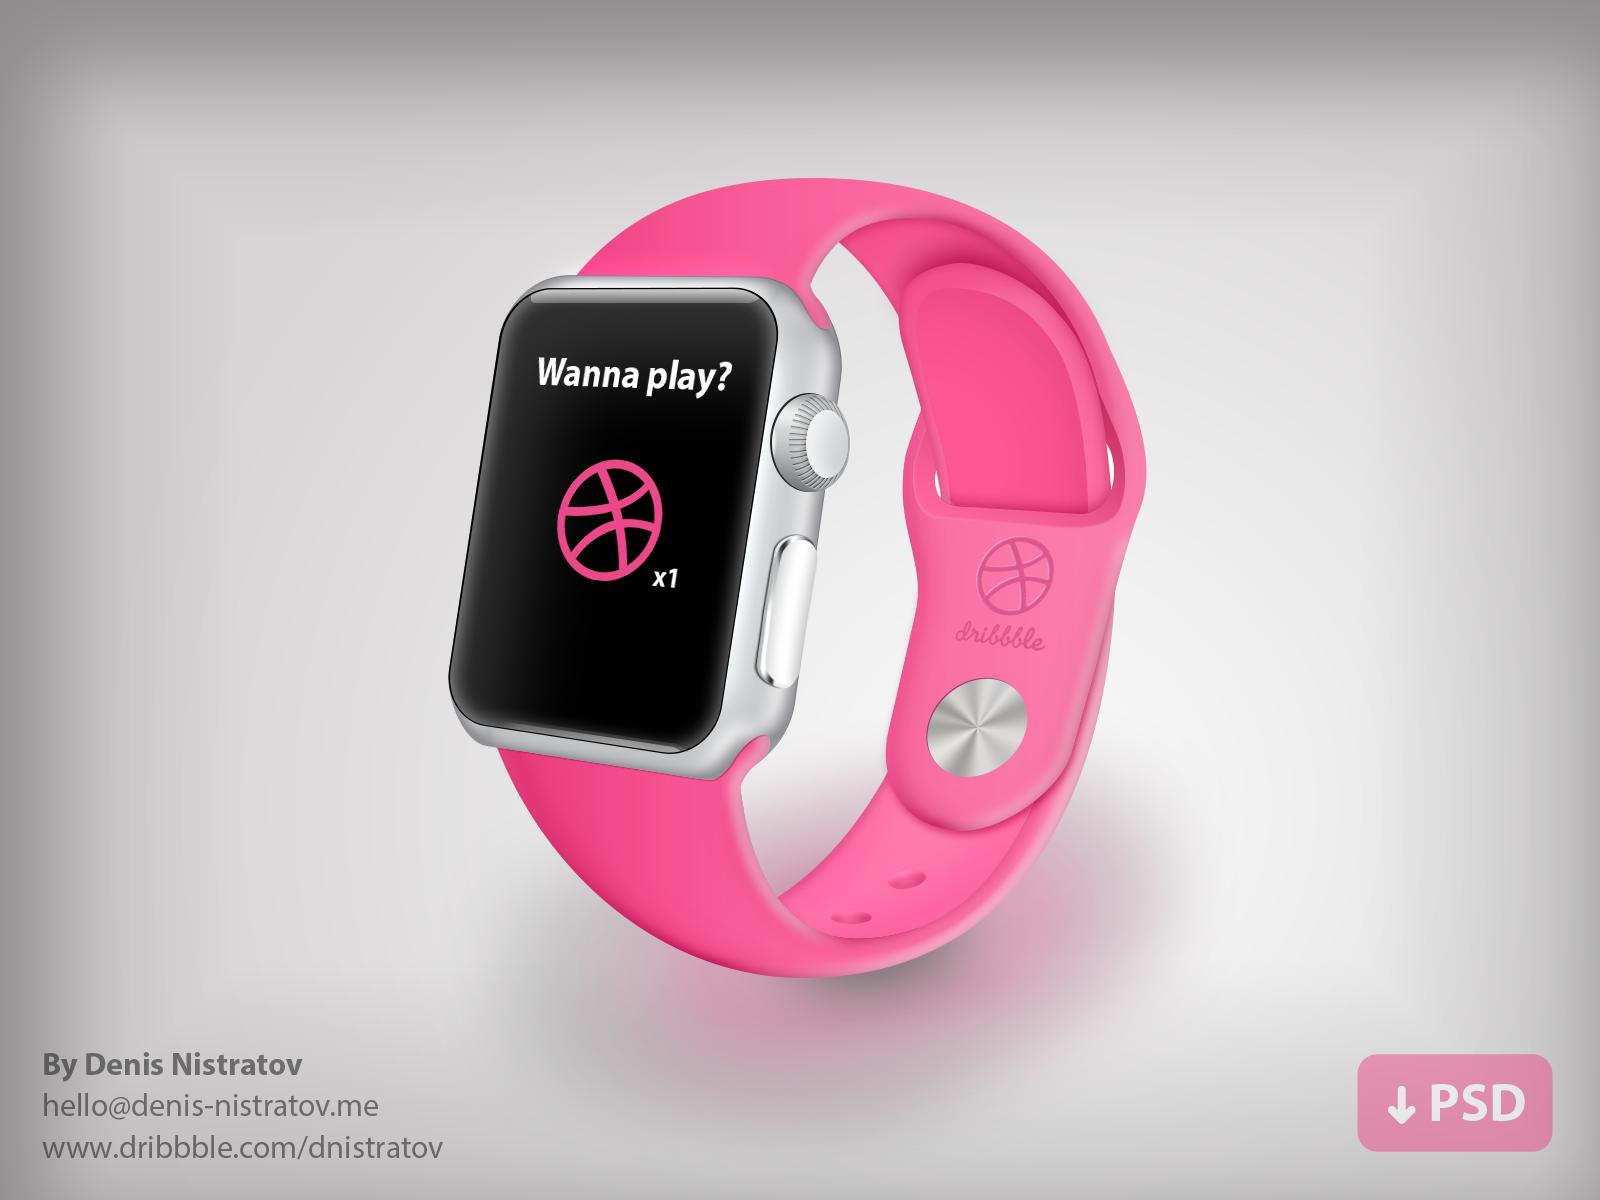 Apple Watch Dribbble